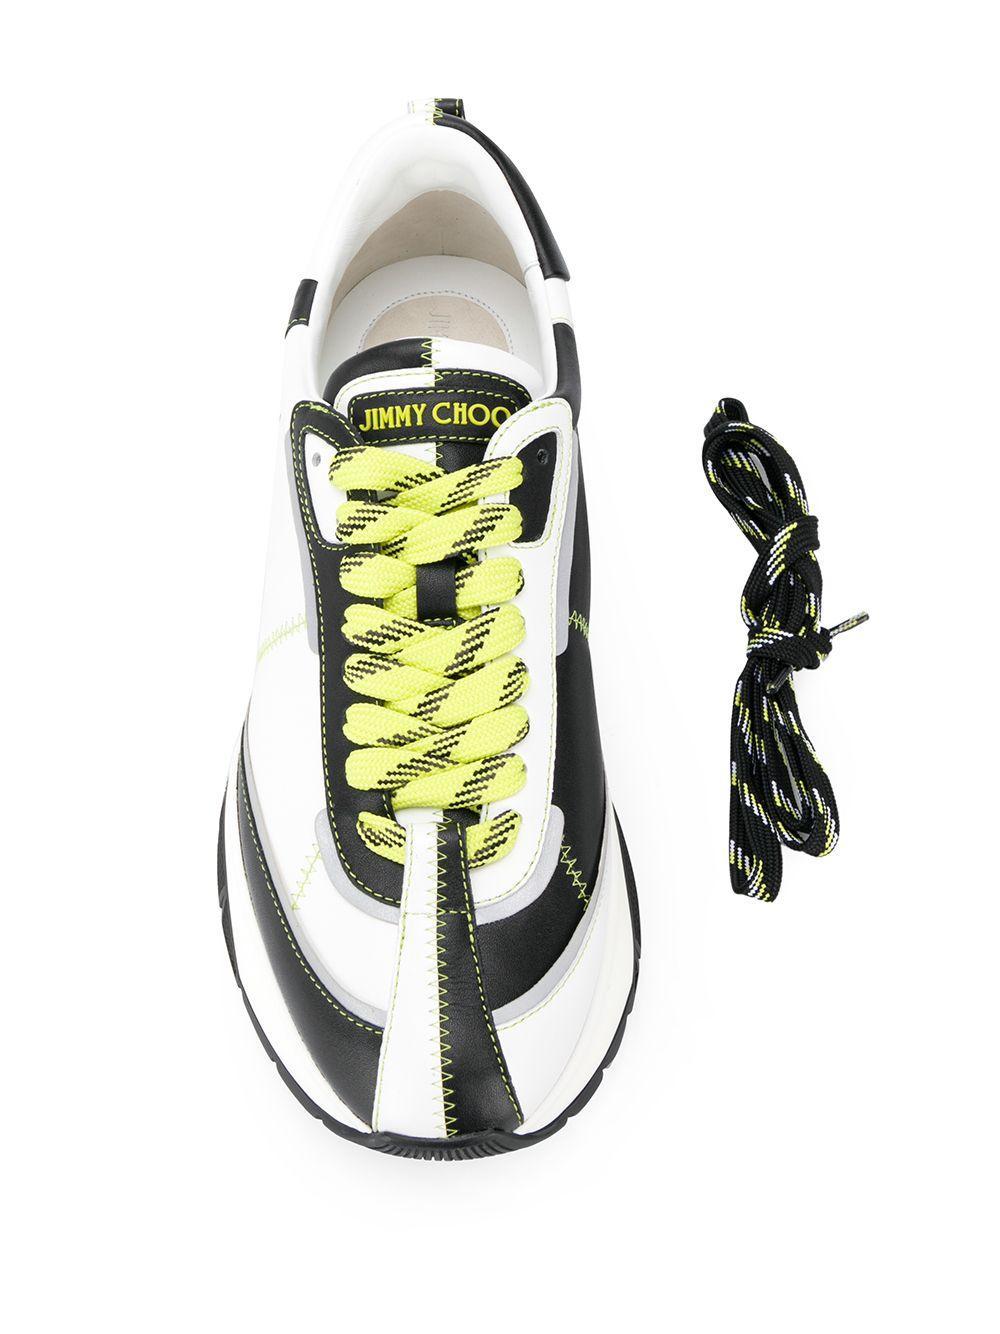 Jimmy Choo Leer Raine/m Low-top Sneakers in het Wit voor heren